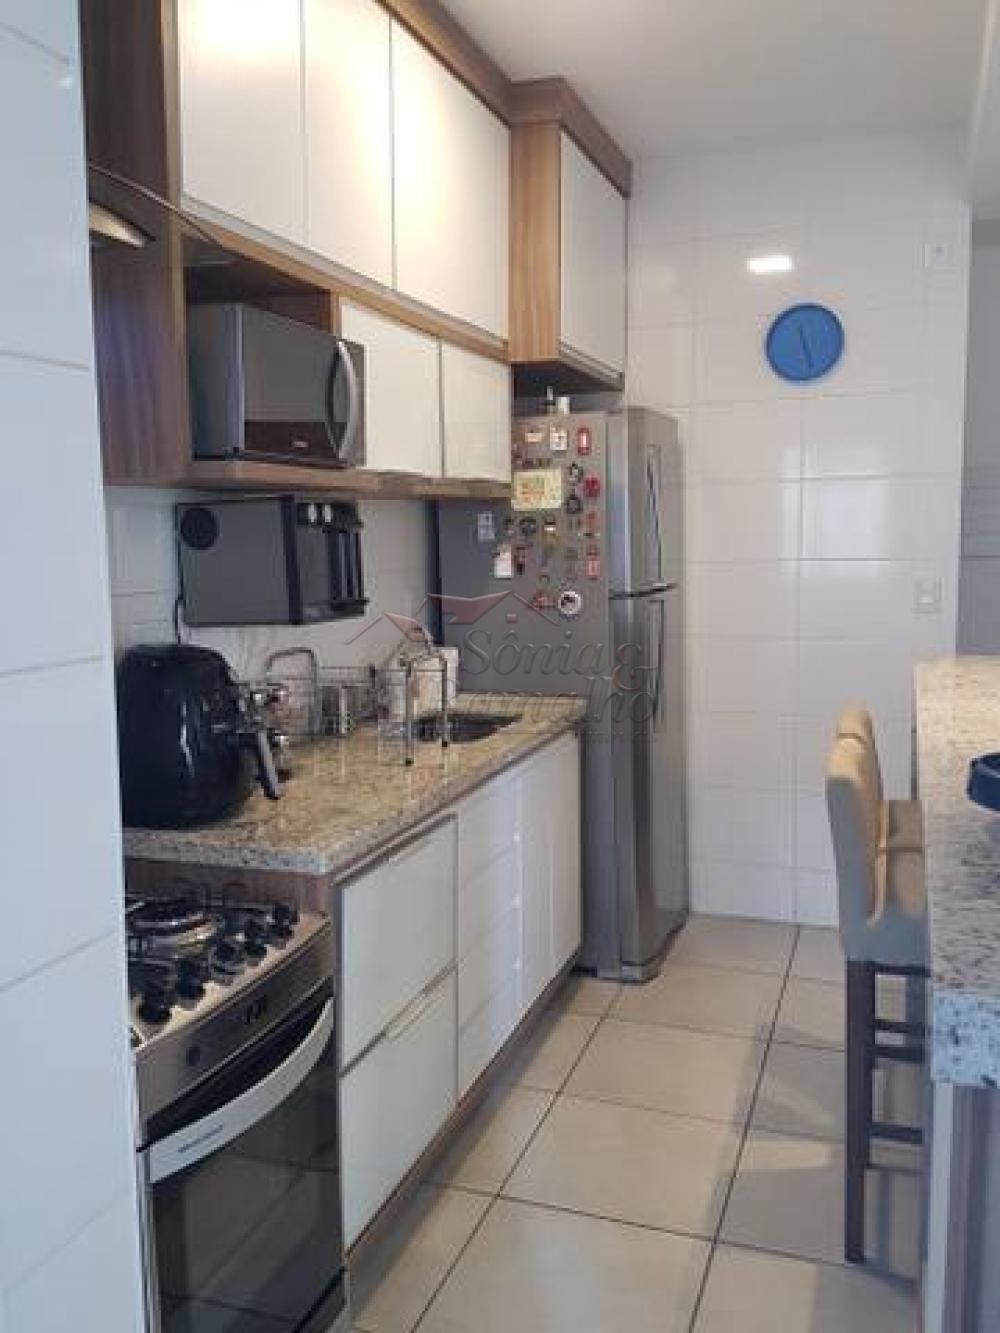 Comprar Apartamentos / Padrão em Ribeirão Preto apenas R$ 300.000,00 - Foto 6